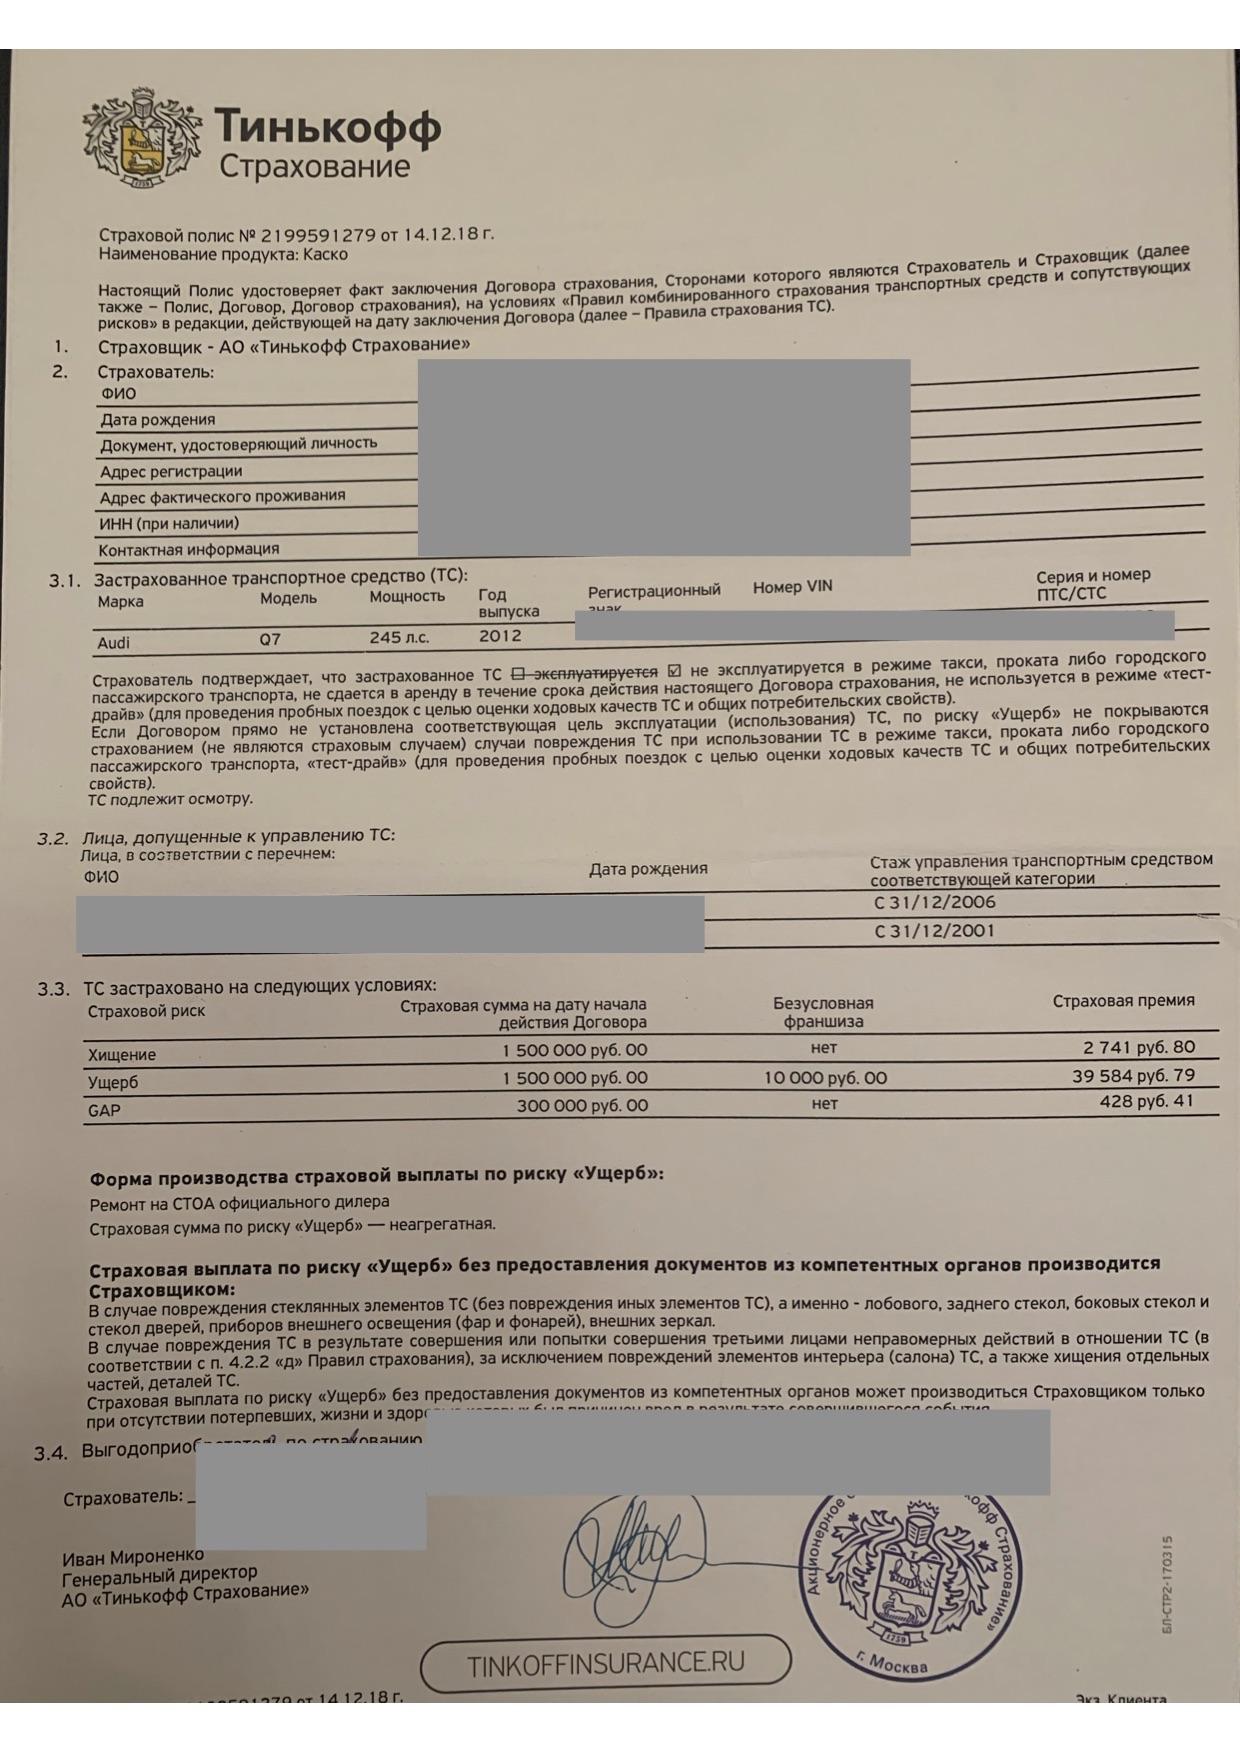 Опыт урегулирования убытков по КАСКО в Тинькофф и Мафин